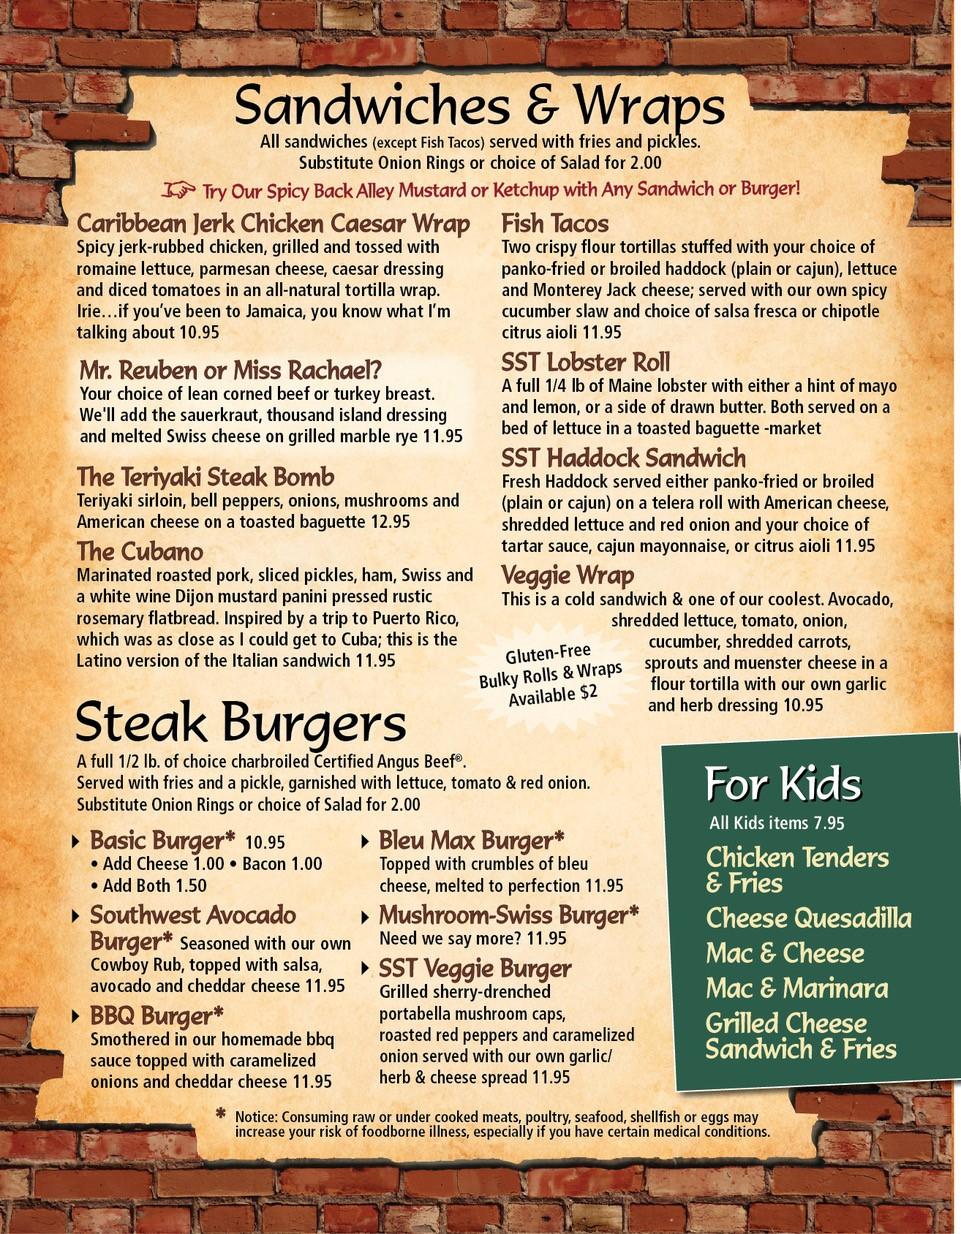 SST Kids Menu Burgers Sandwiches Wraps